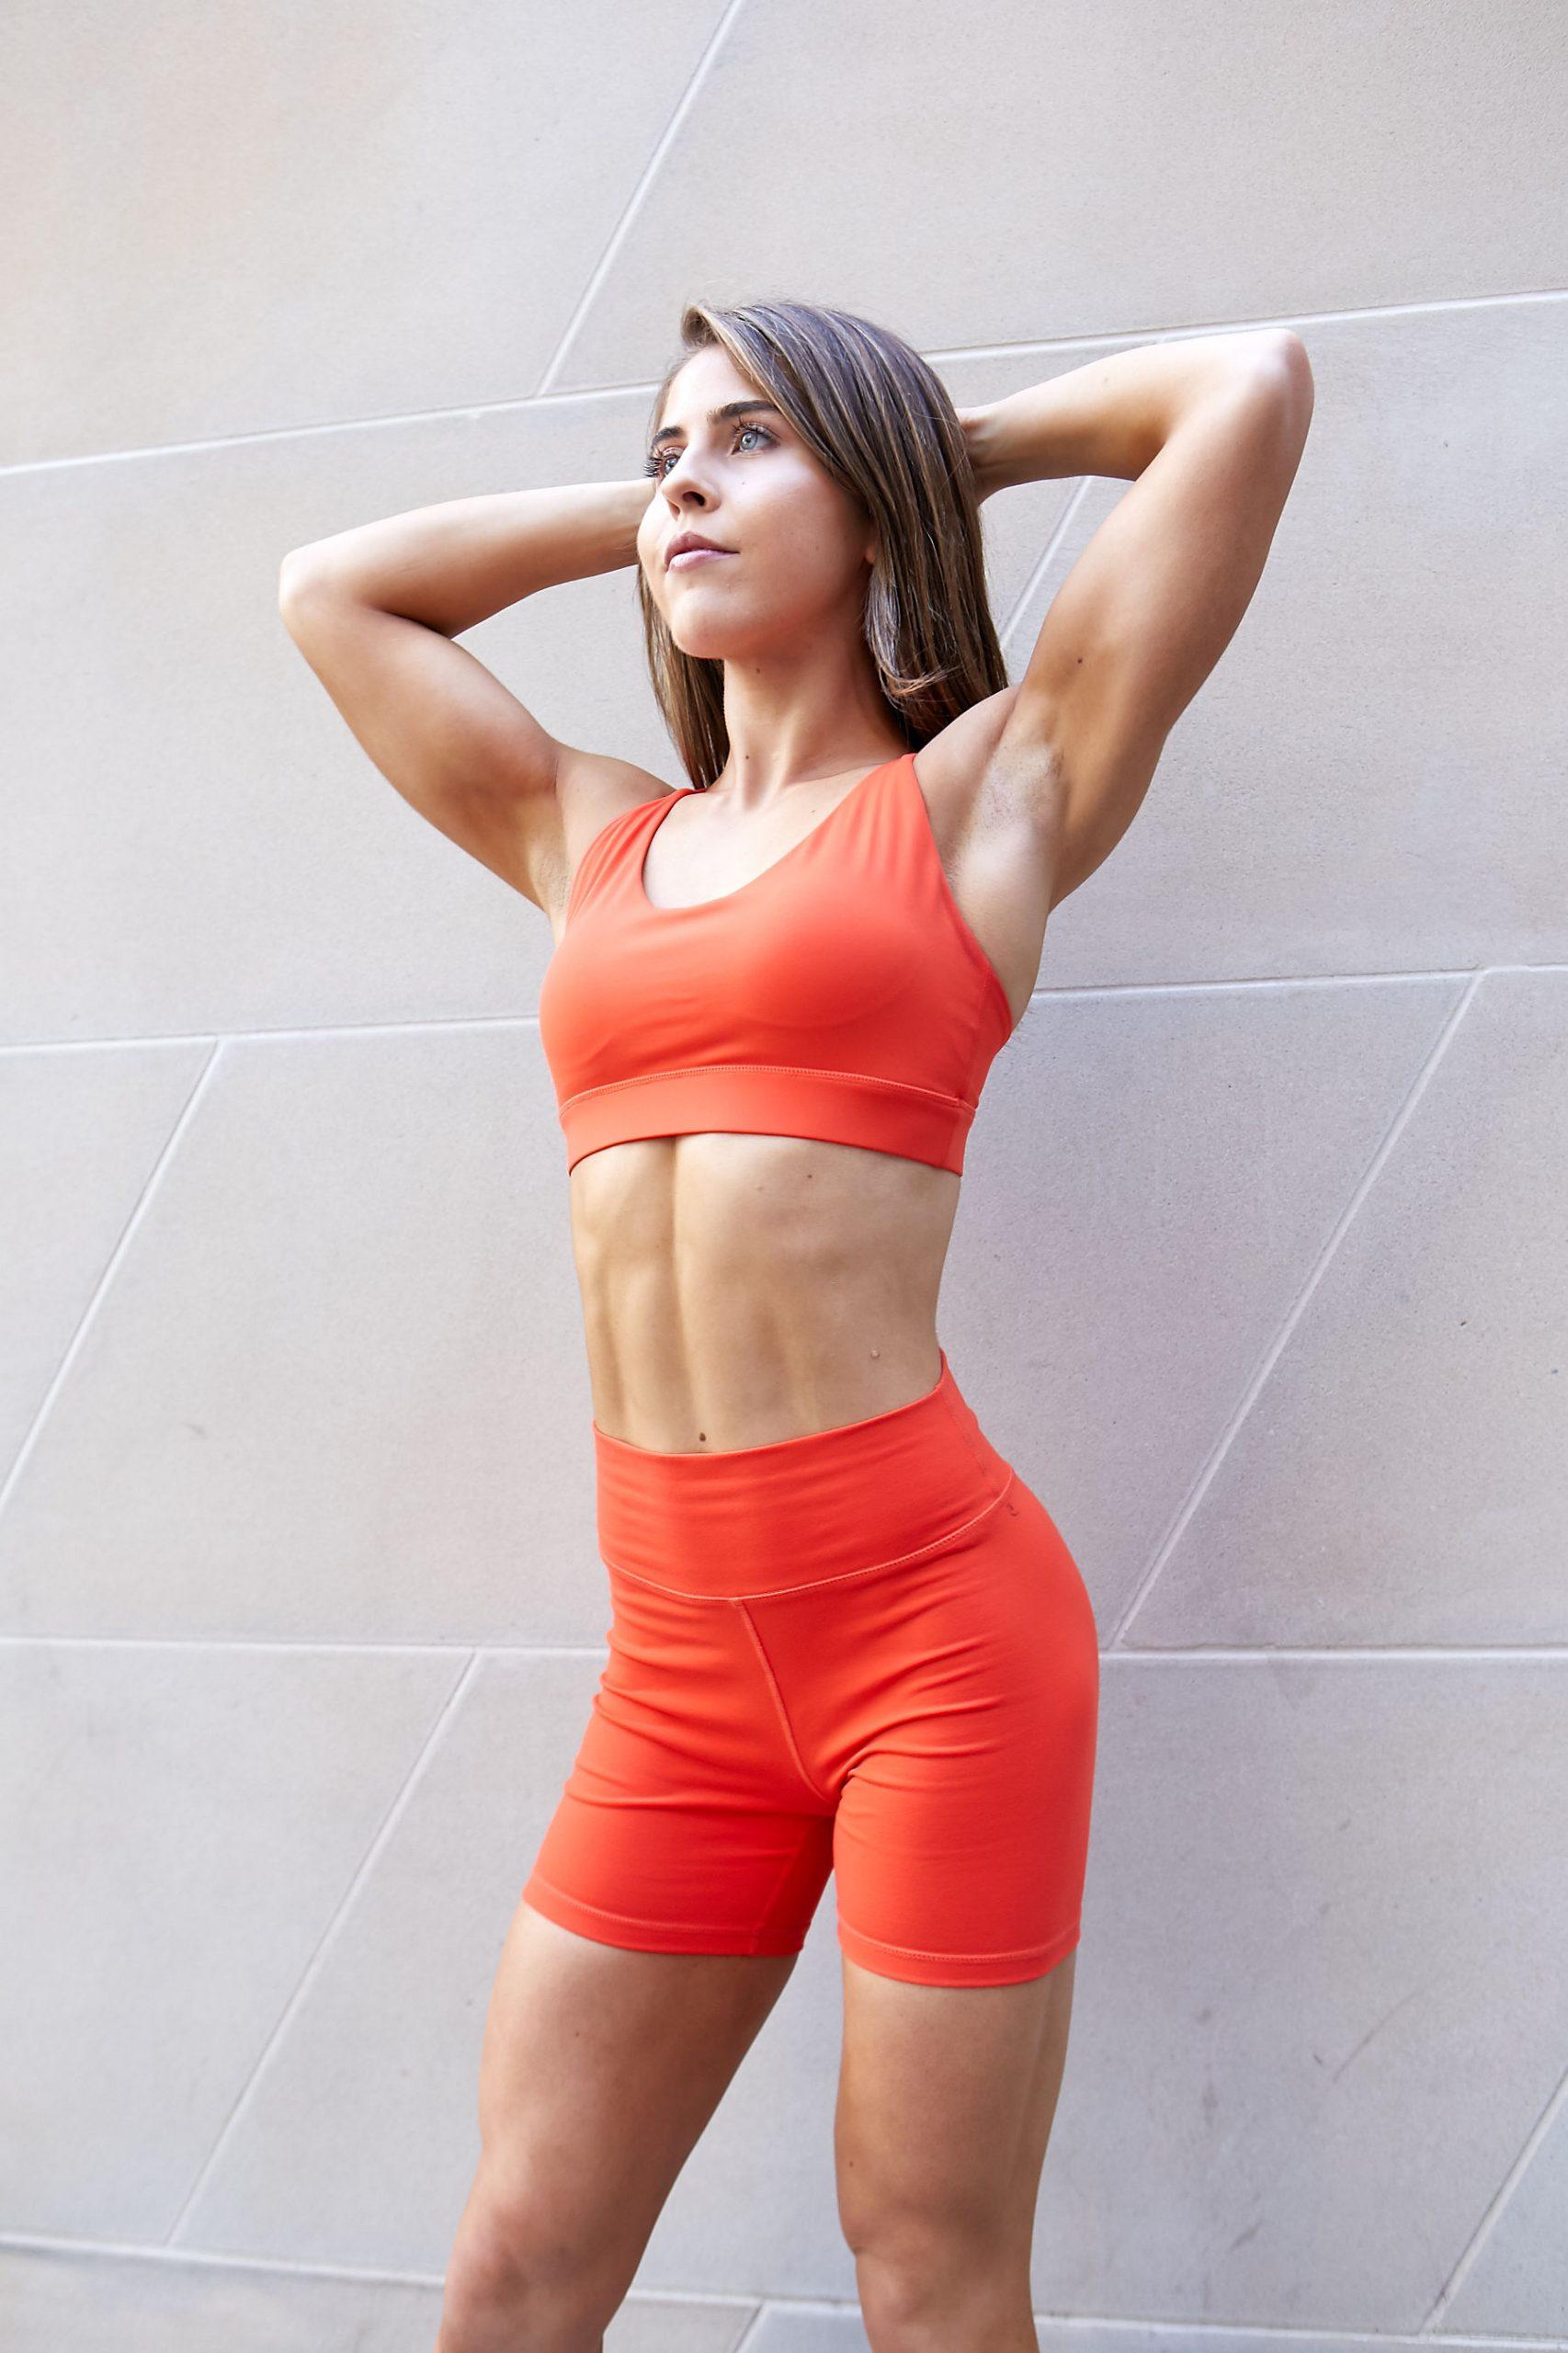 Natasha Sydney female fitness model and athlete nike commercial scaled